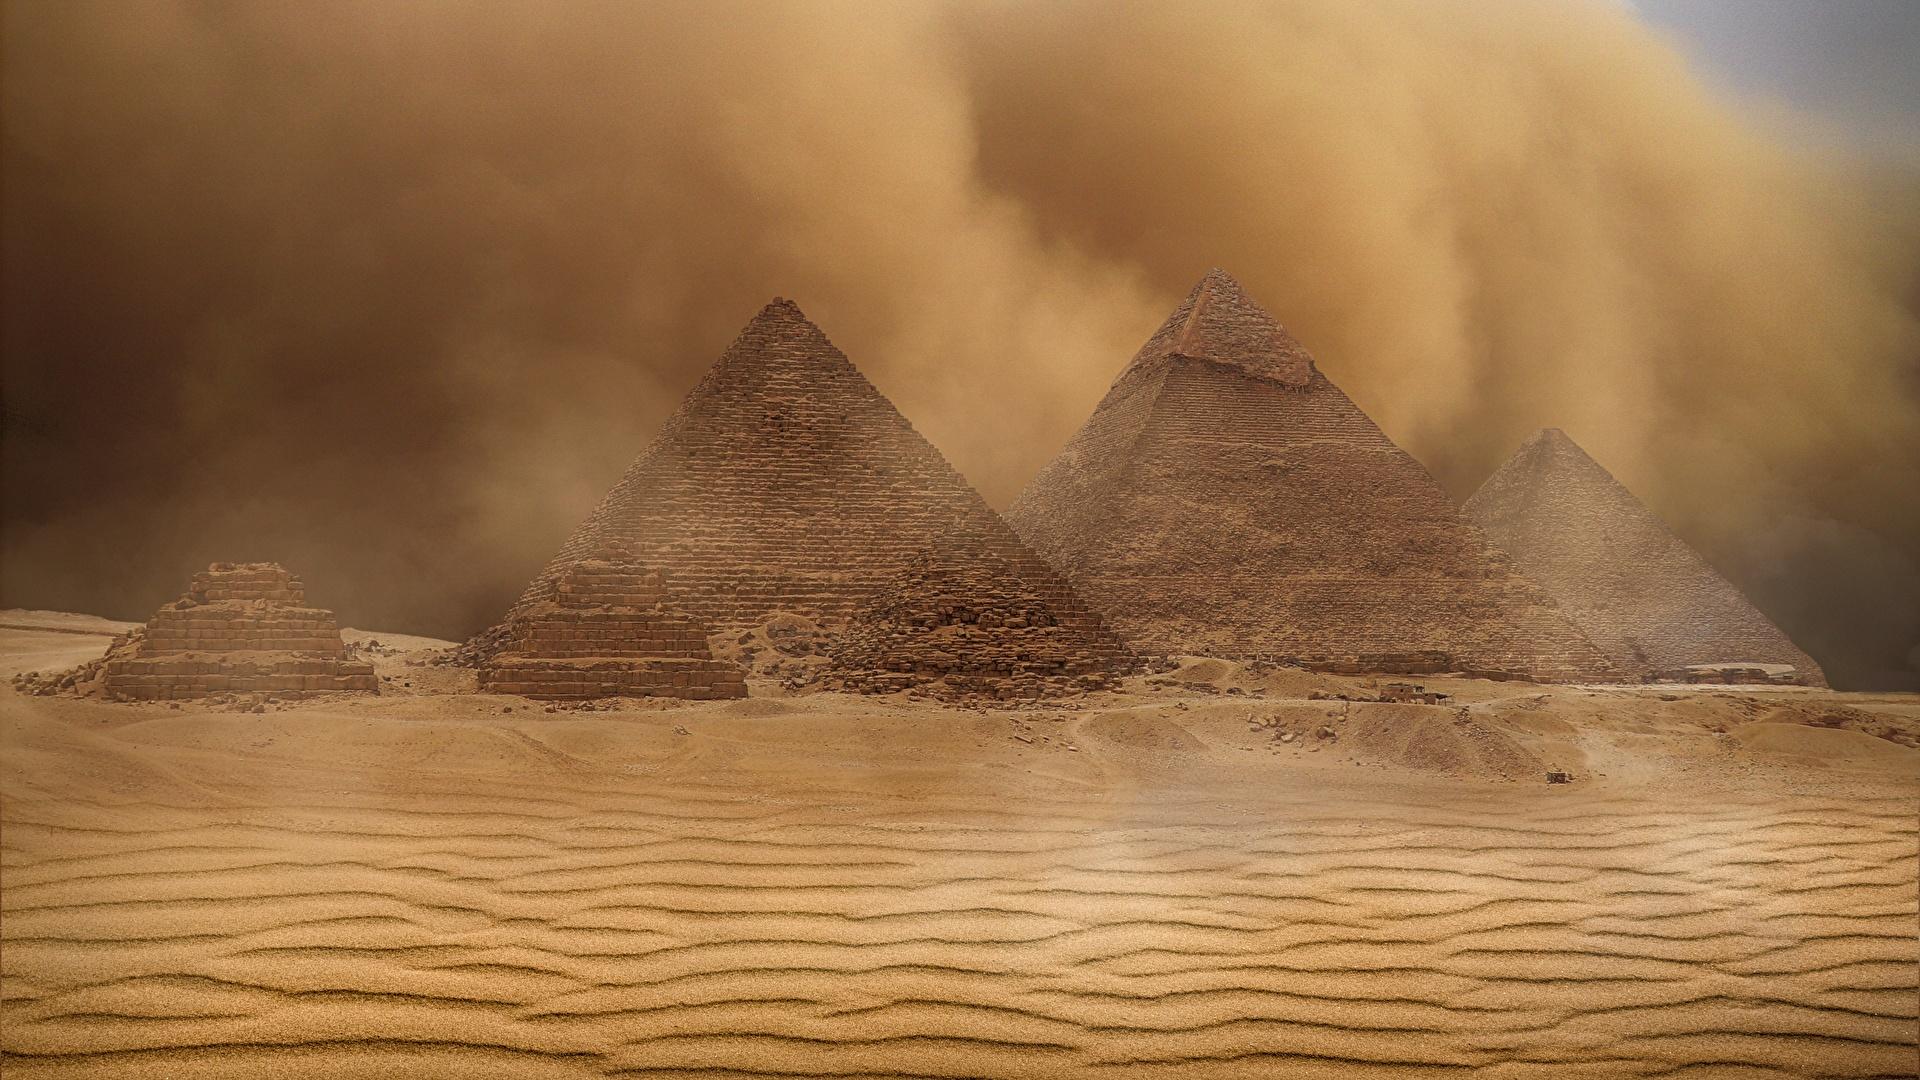 Fonds D Ecran 1920x1080 Egypte Desert Pyramide Architecture Sable Nature Telecharger Photo